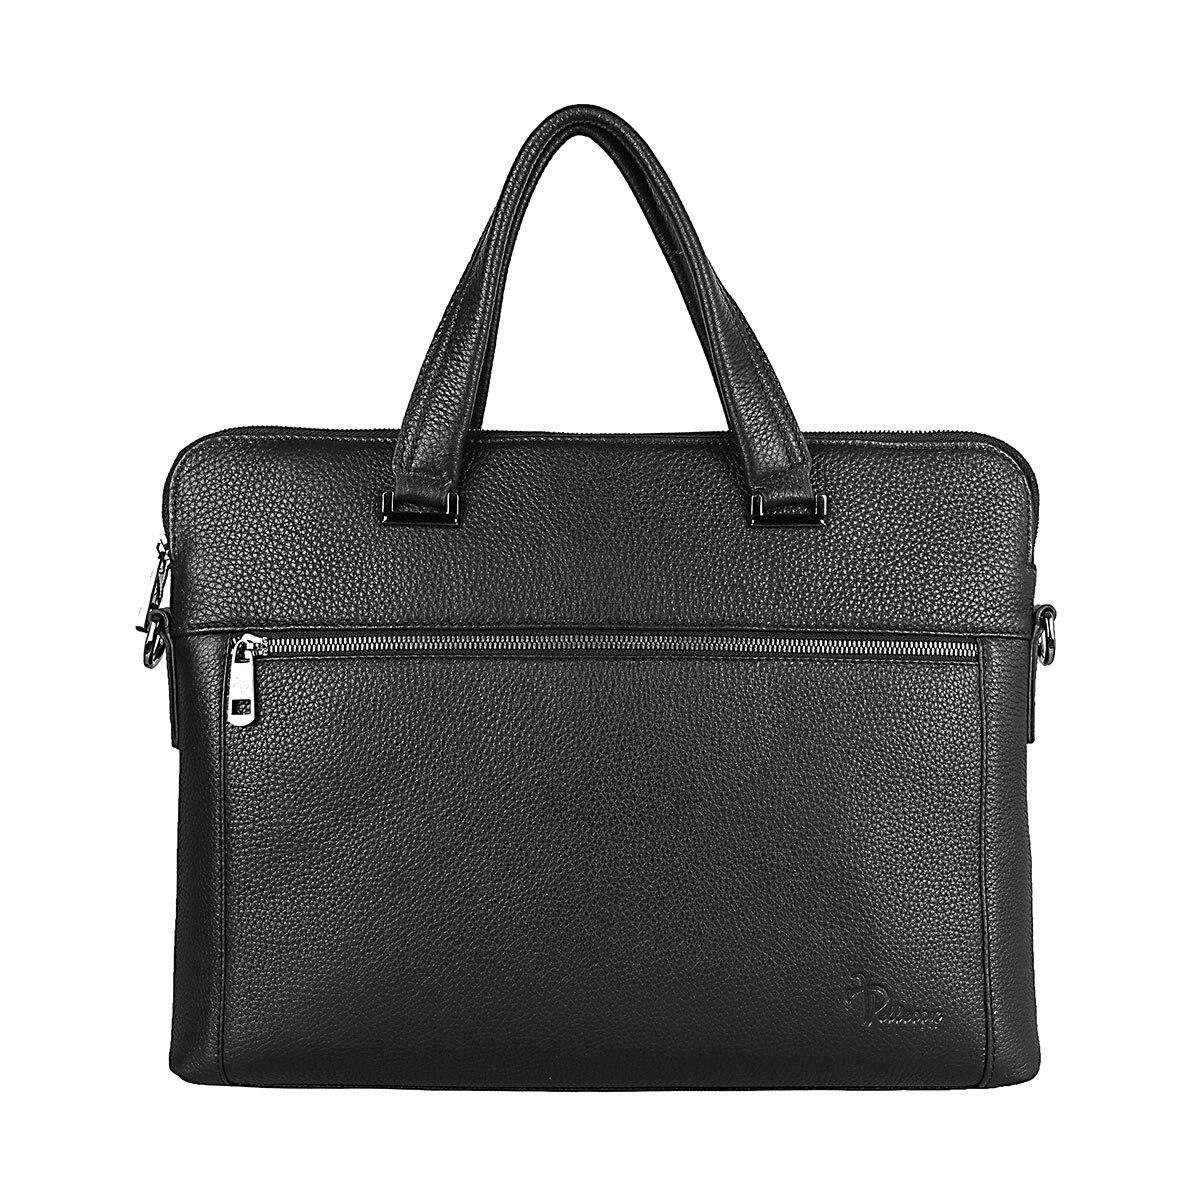 102-21559-1 Bag Men Пеллекон